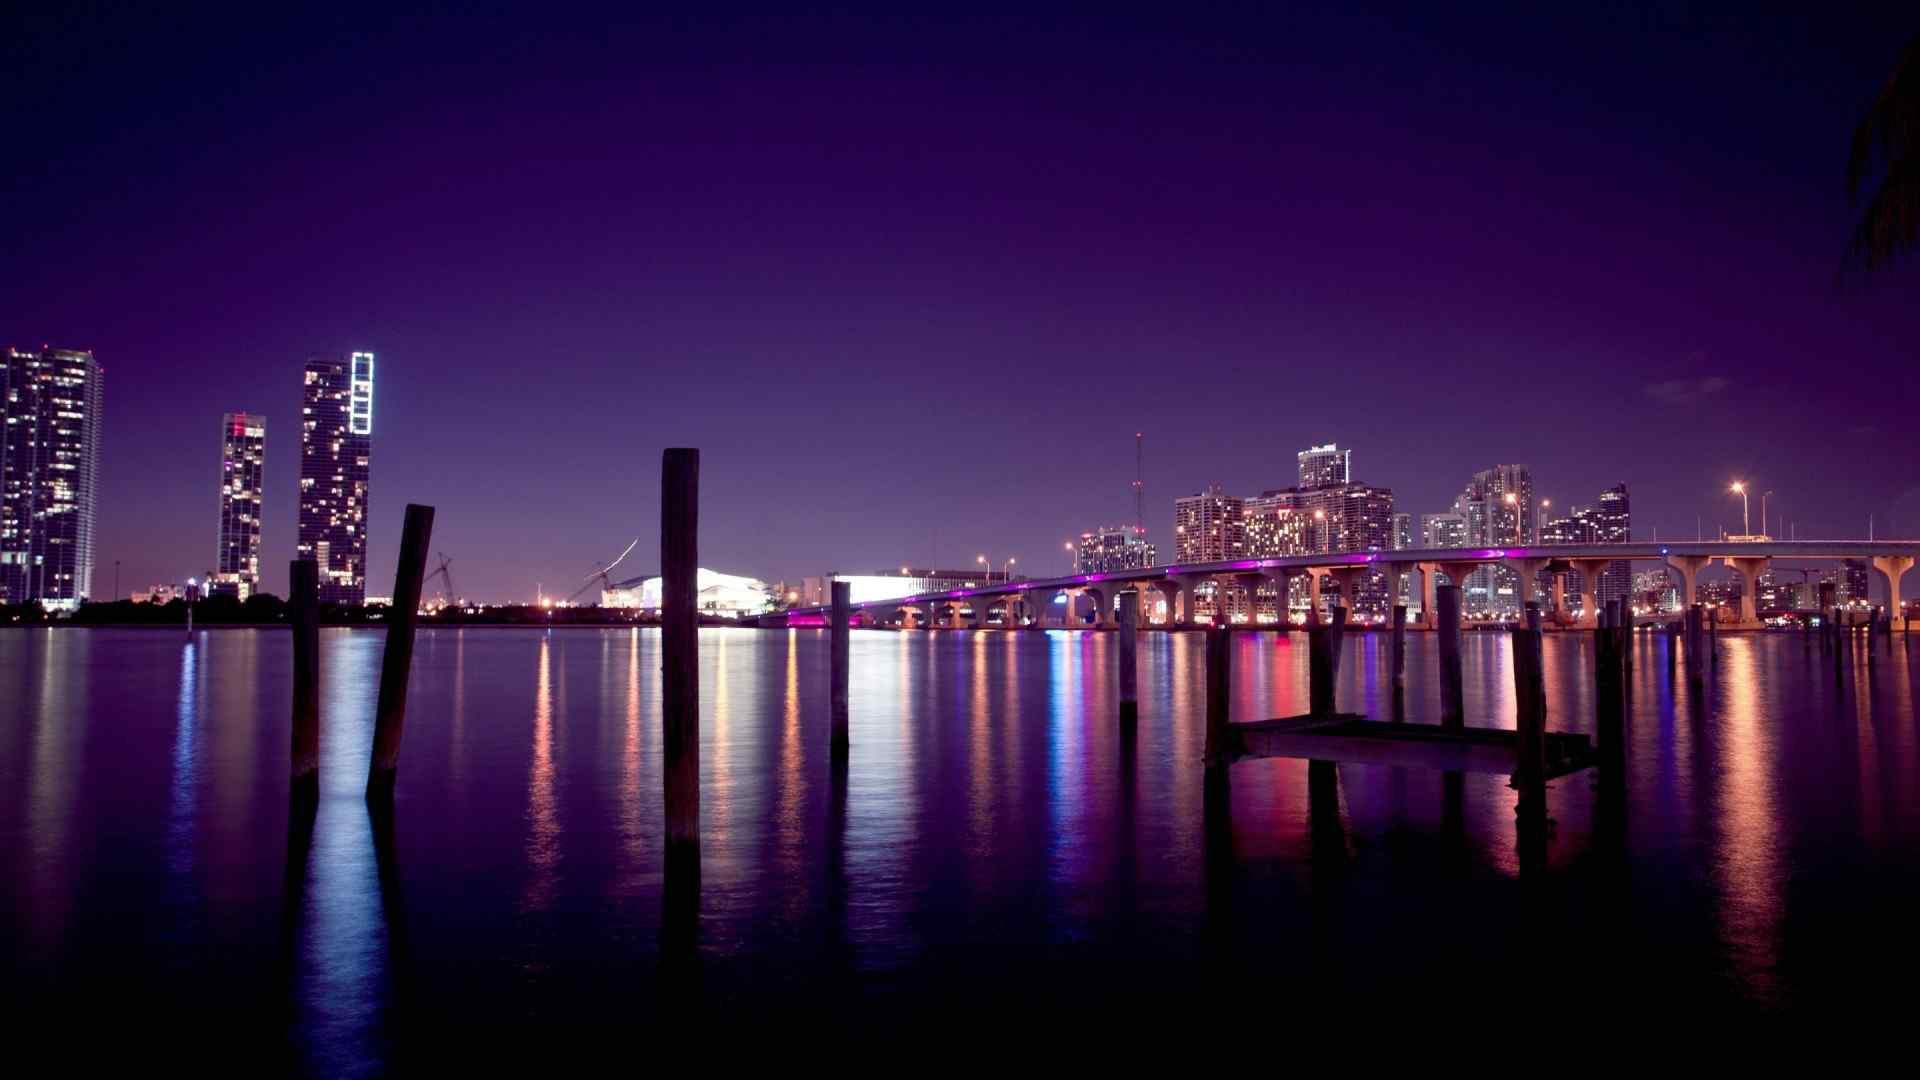 紫光靓丽夜景壁纸